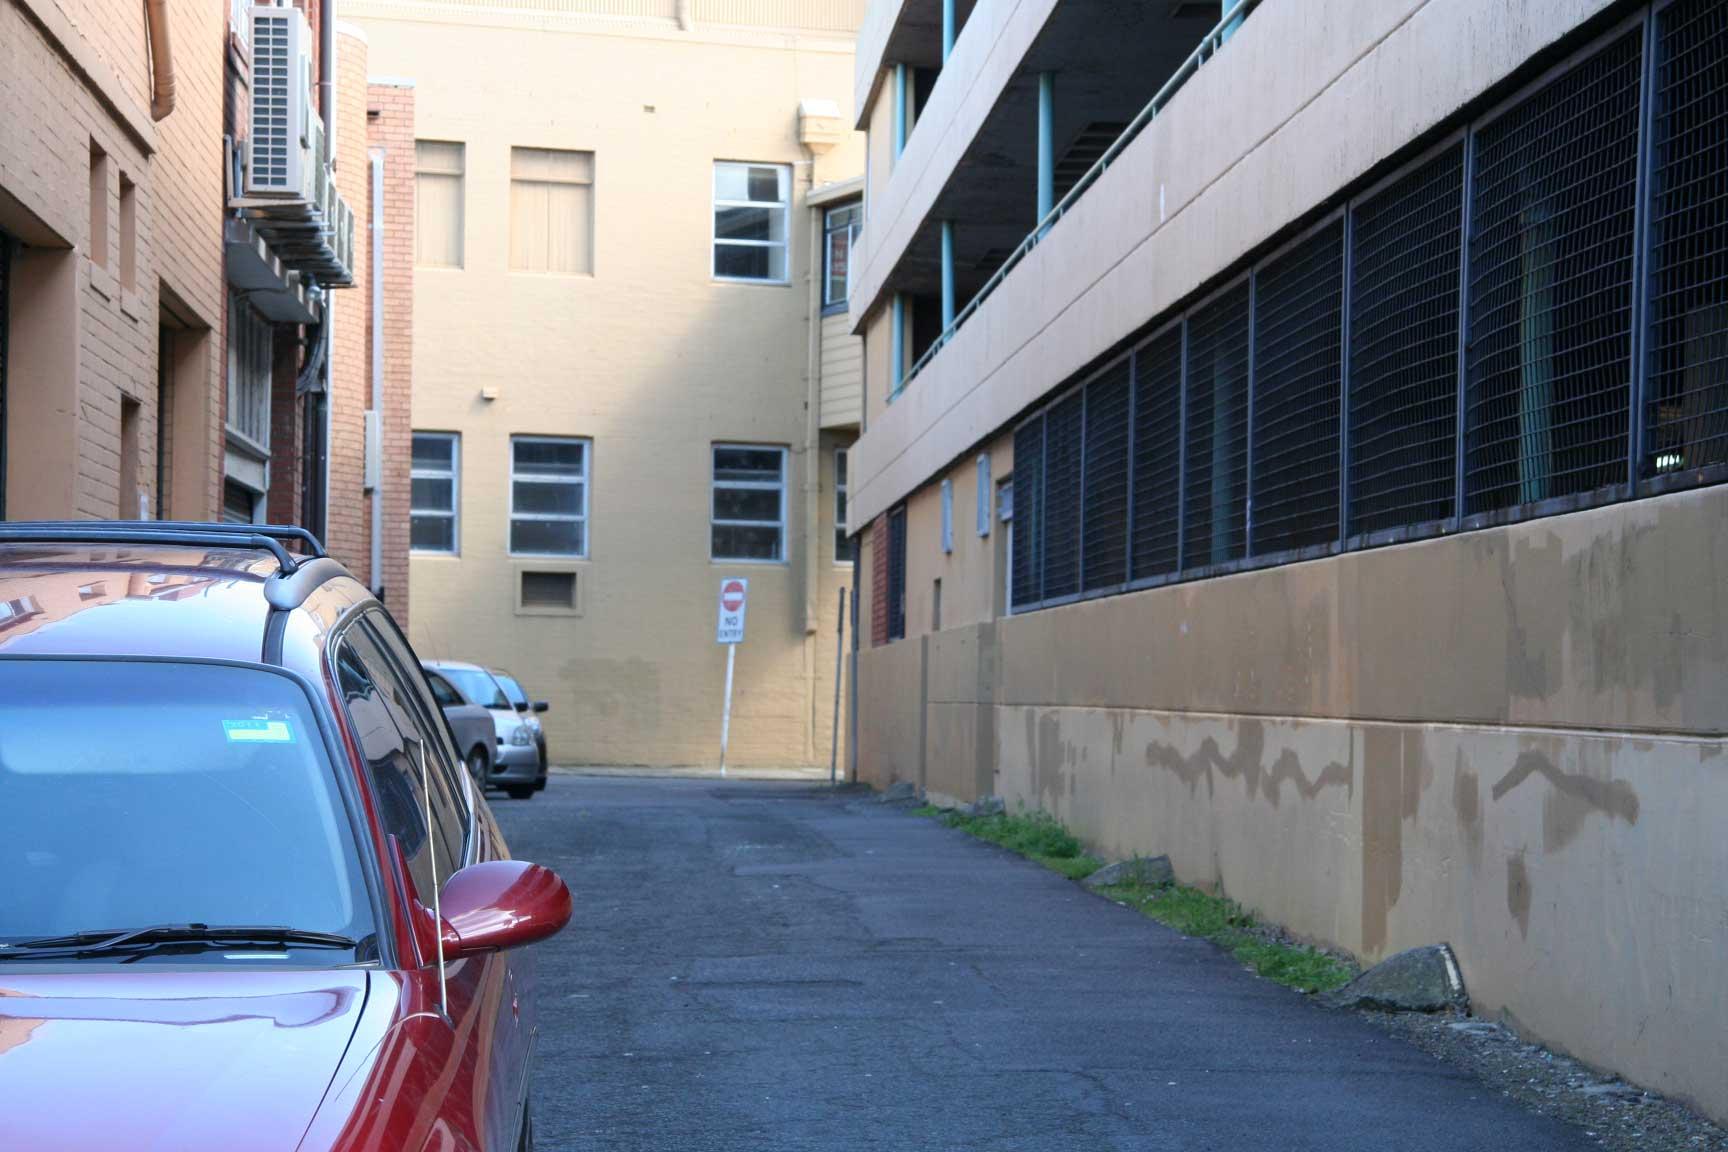 The-Post-alleyway.jpg